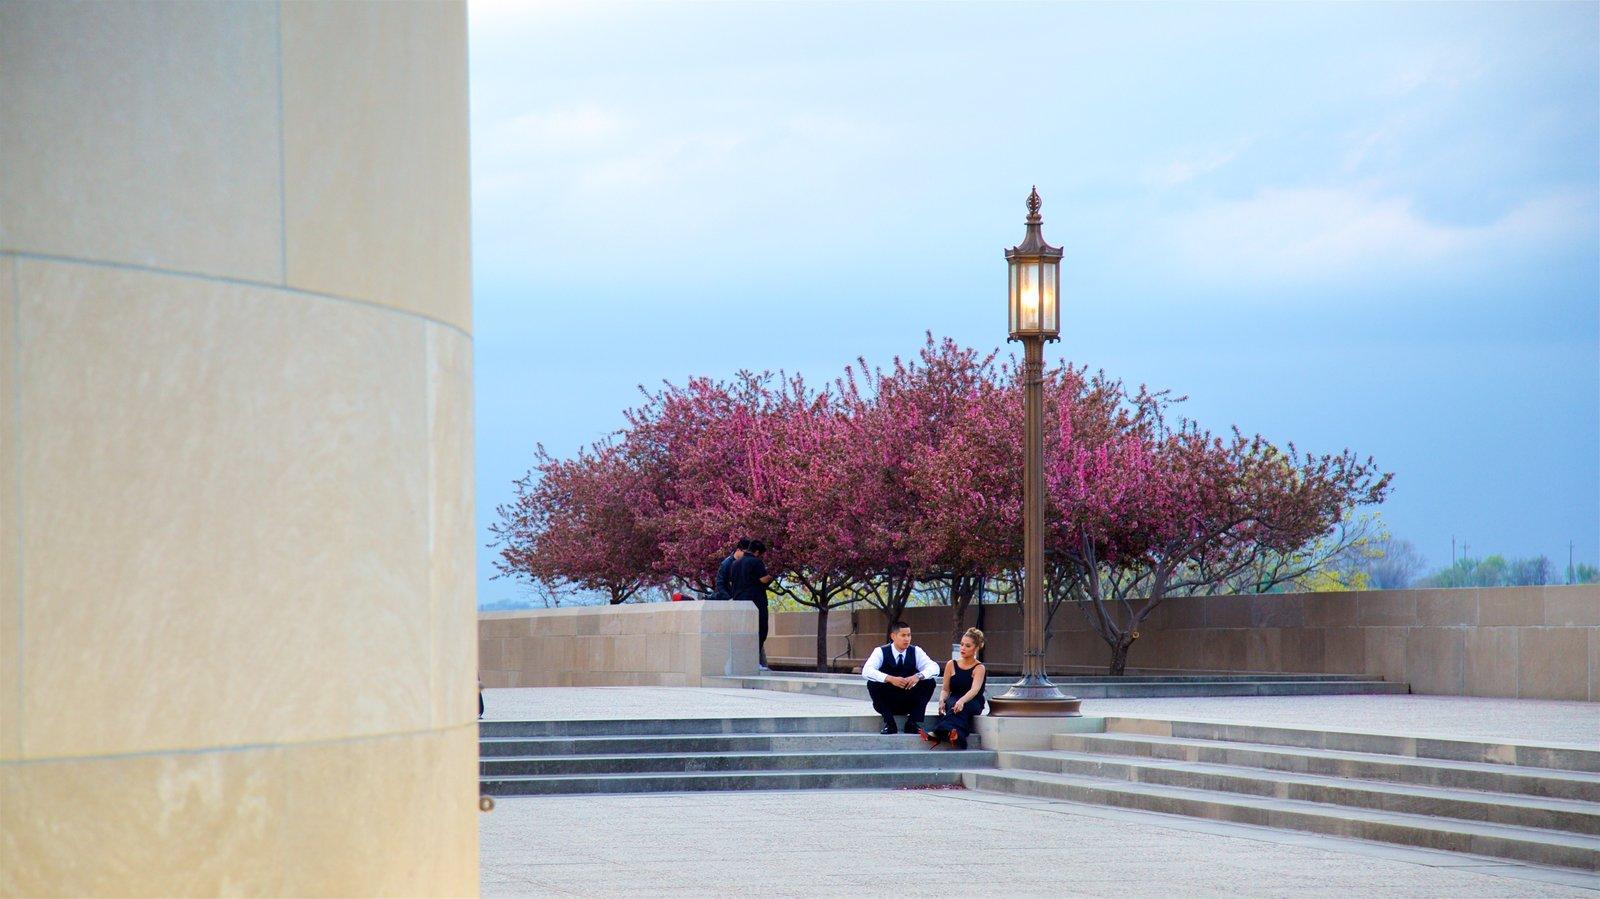 Liberty Memorial que inclui flores silvestres assim como um casal